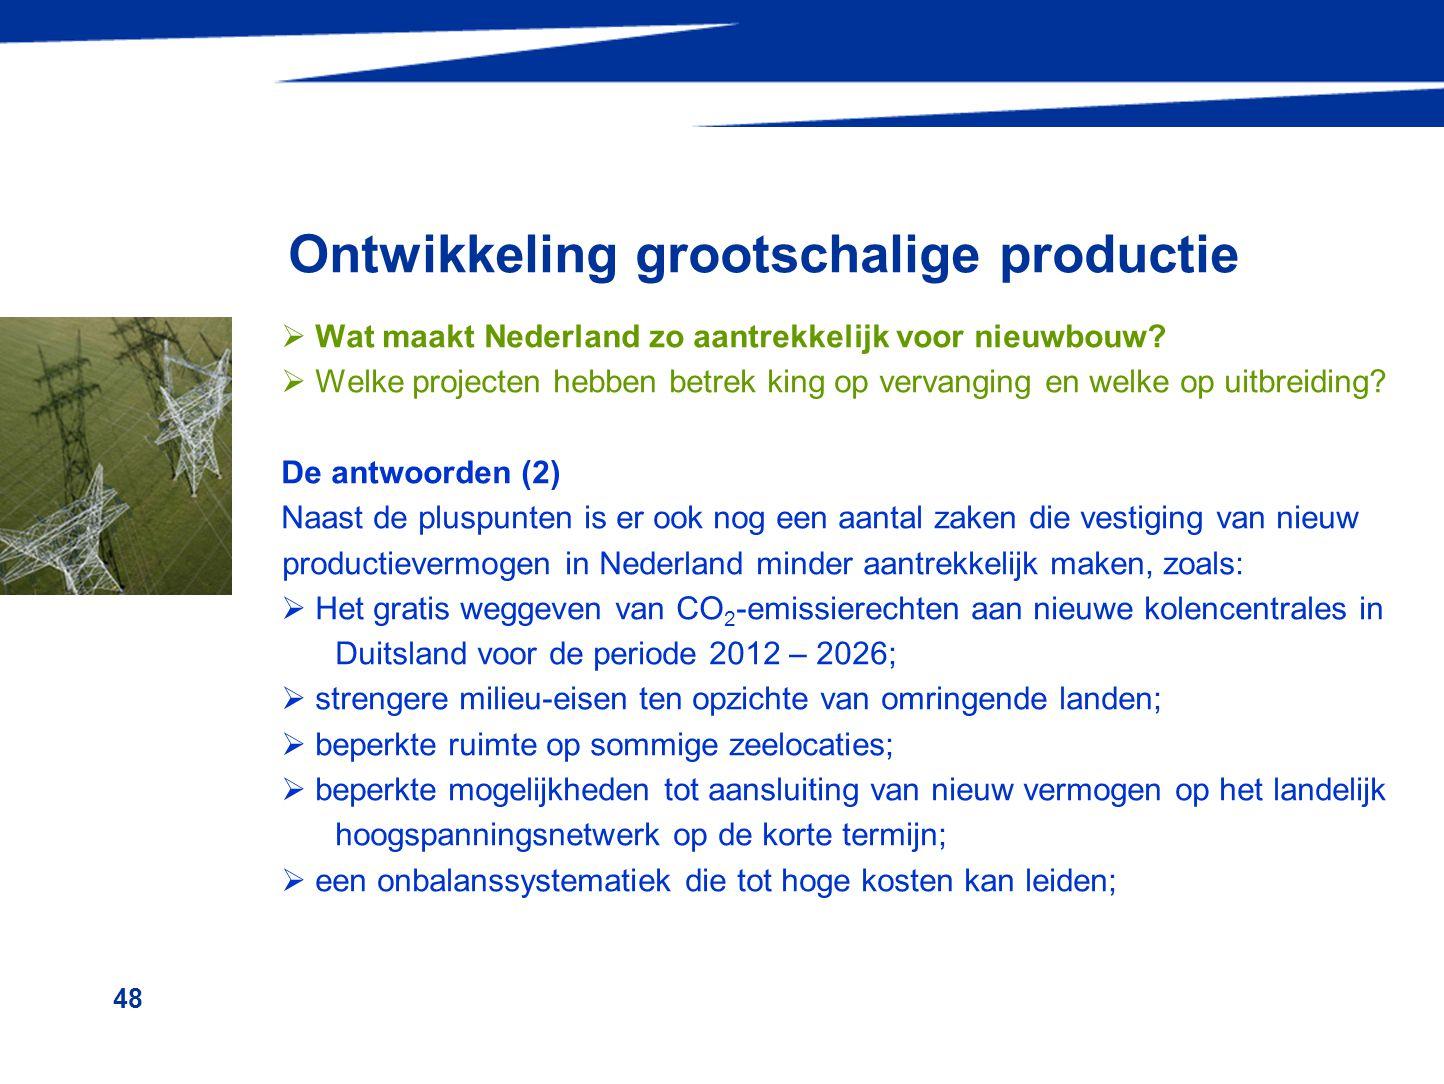 48 Ontwikkeling grootschalige productie  Wat maakt Nederland zo aantrekkelijk voor nieuwbouw?  Welke projecten hebben betrek king op vervanging en w